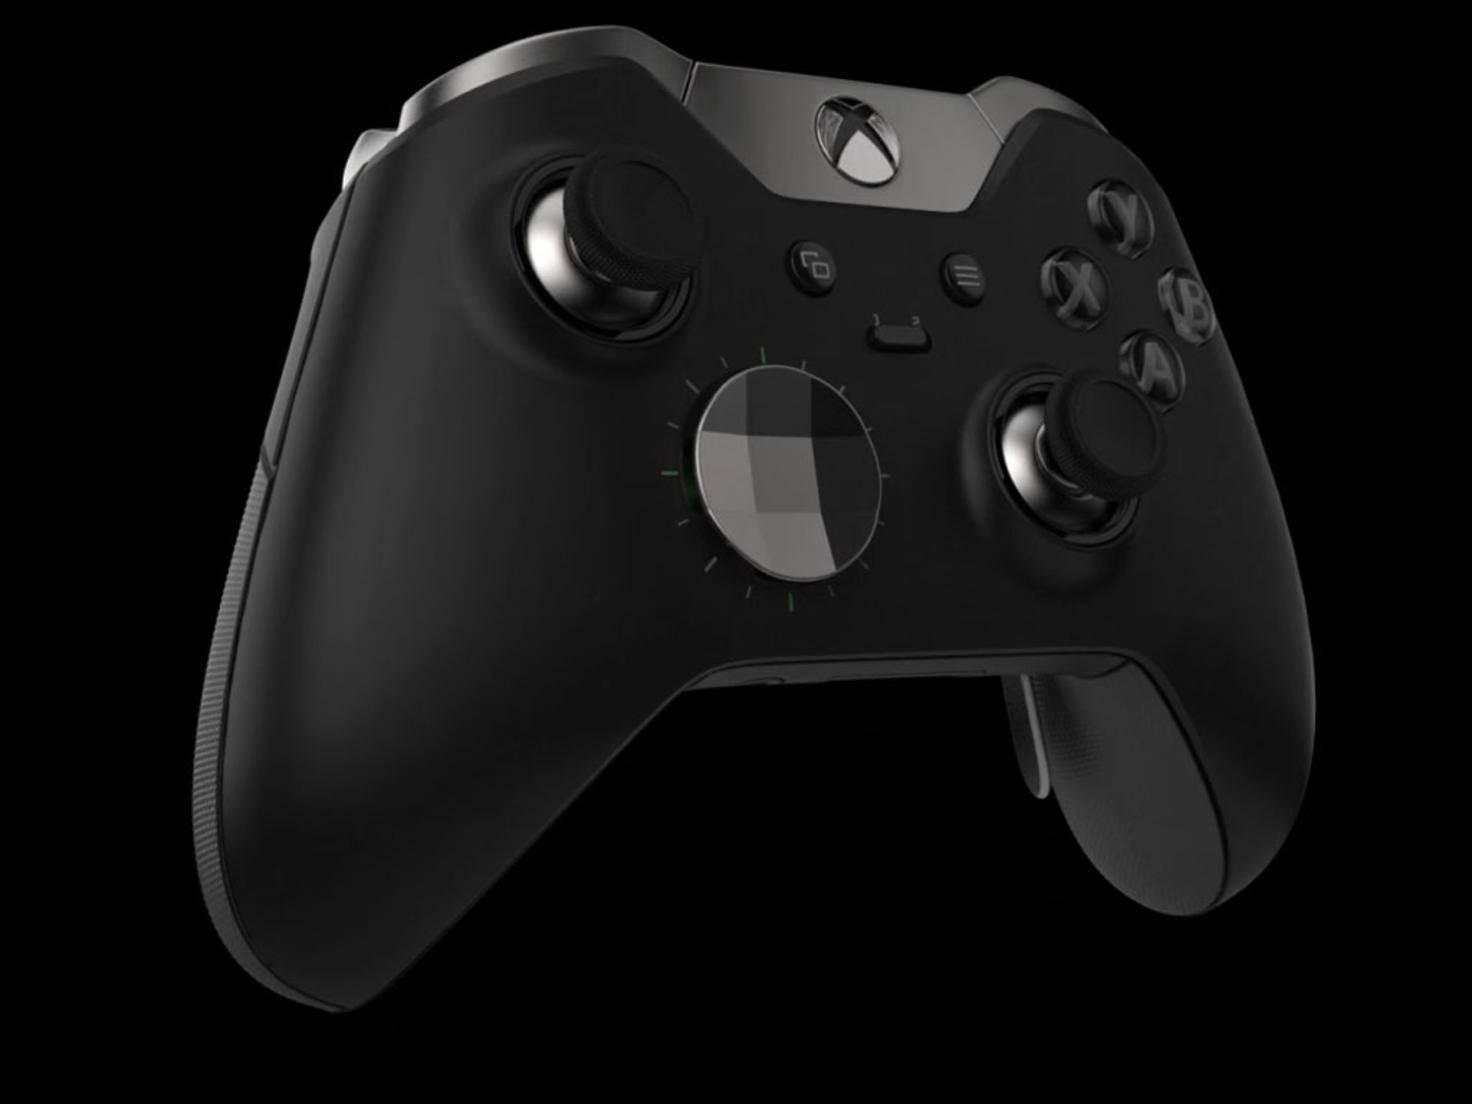 Der neue Xbox One Elite Controller